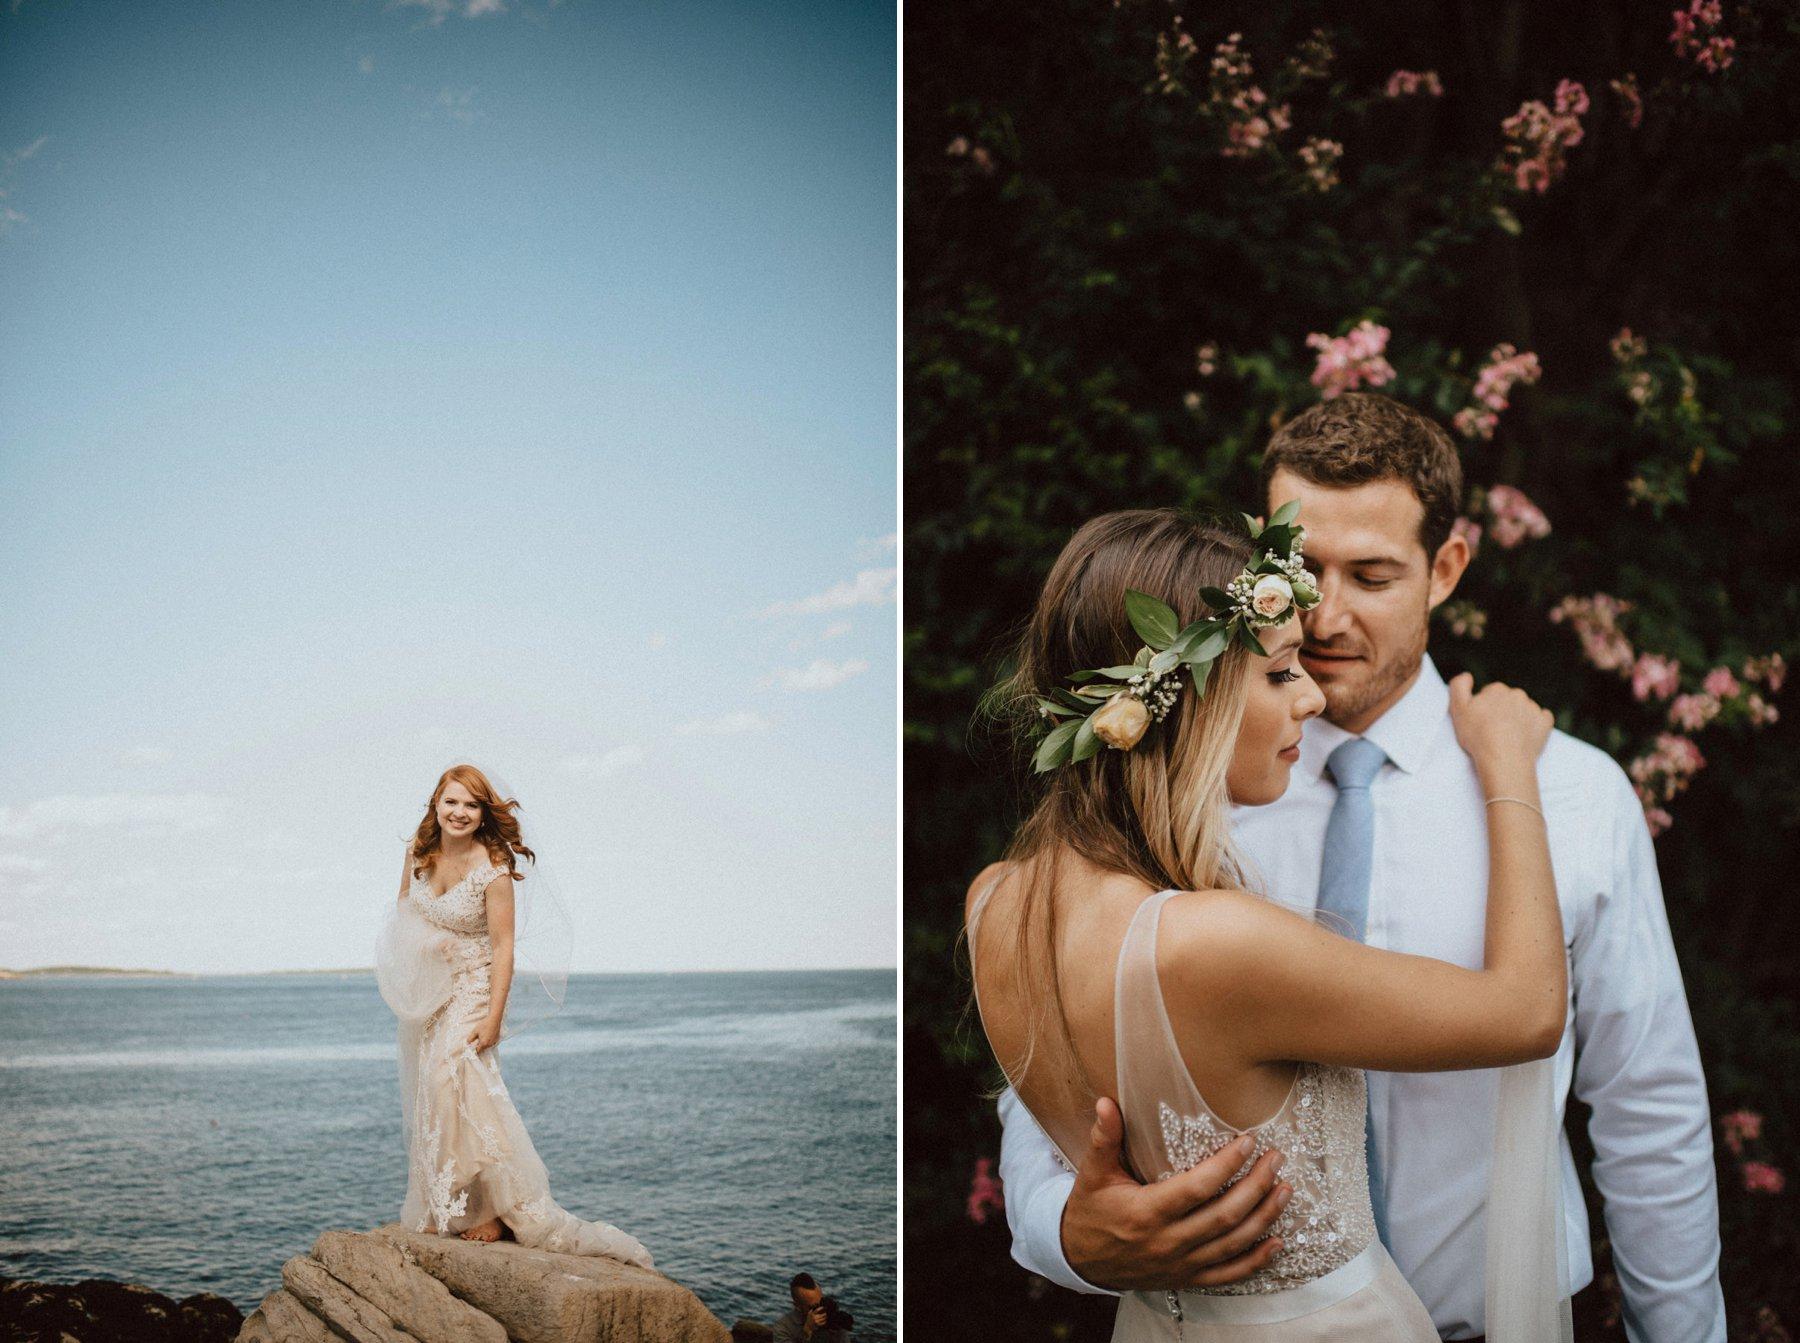 054-peaks-island-maine-wedding-10.jpg